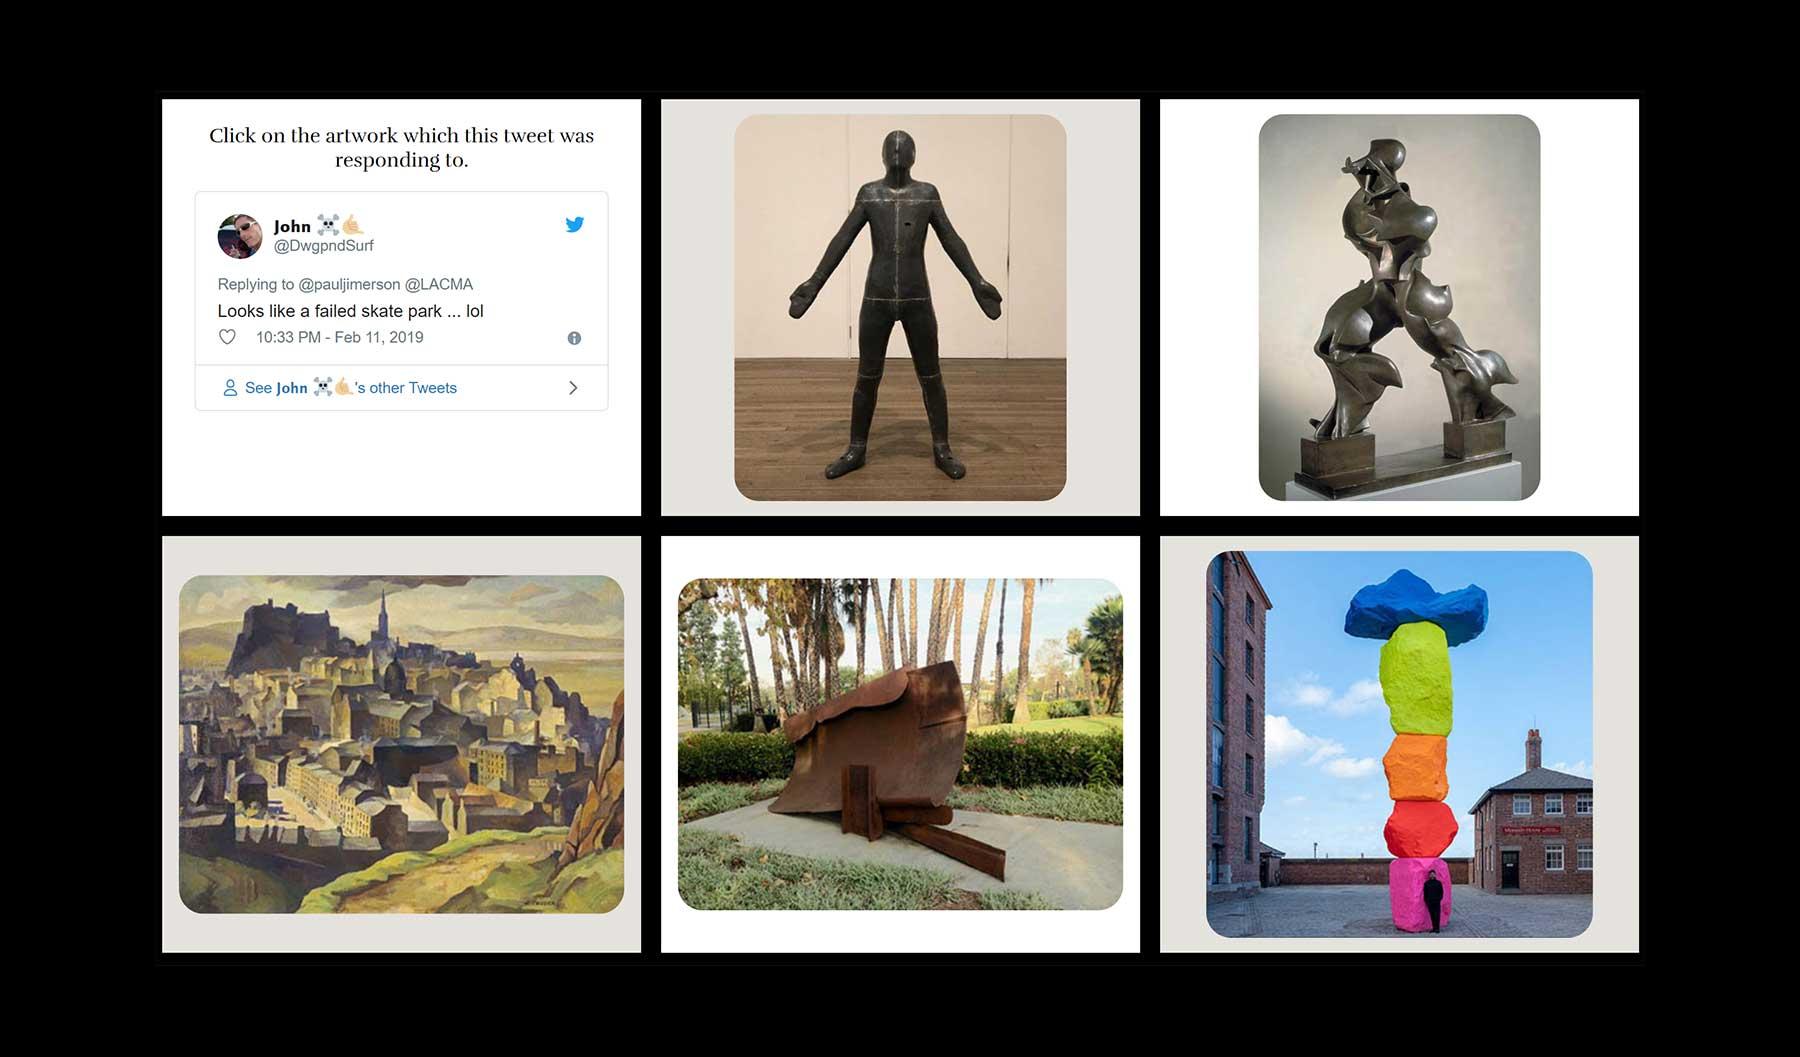 Könnt ihr Kunstwerke anhand eines Twitter-Kommentars erkennen?